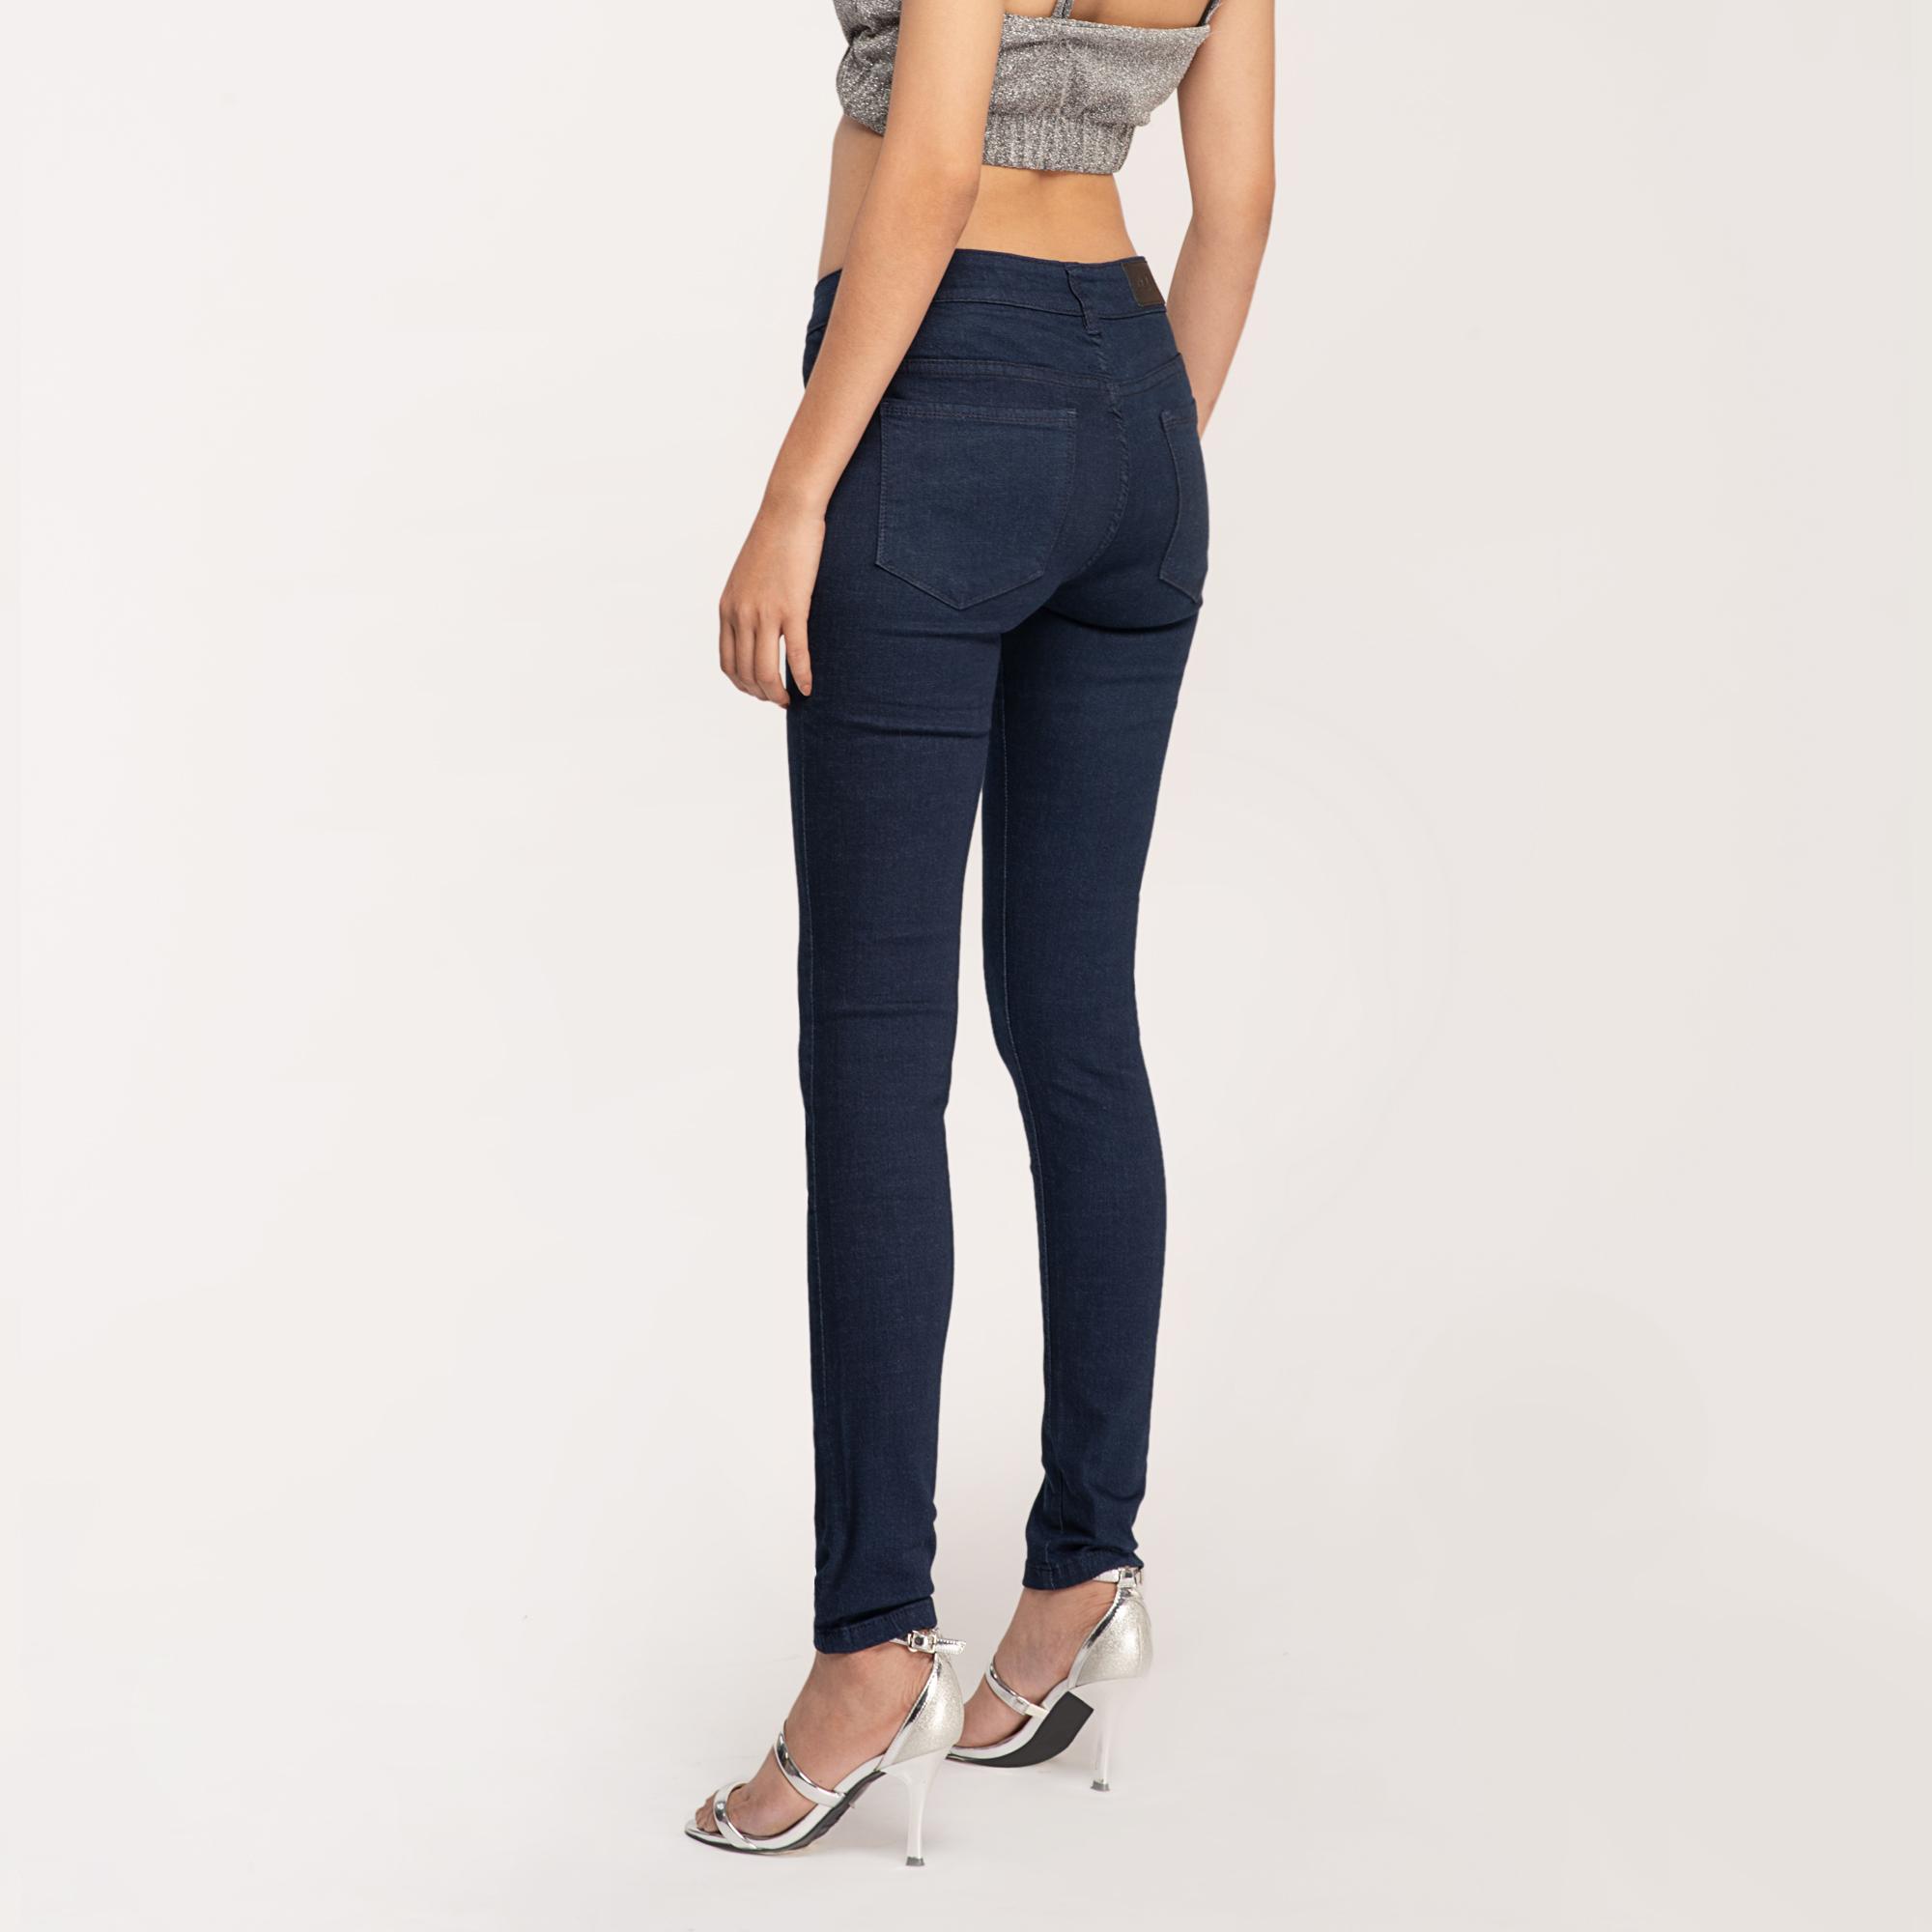 Quần Jean Nữ Skinny Lưng Vừa Aaa Jeans Có Nhiều Màu Size 26 - 32 21